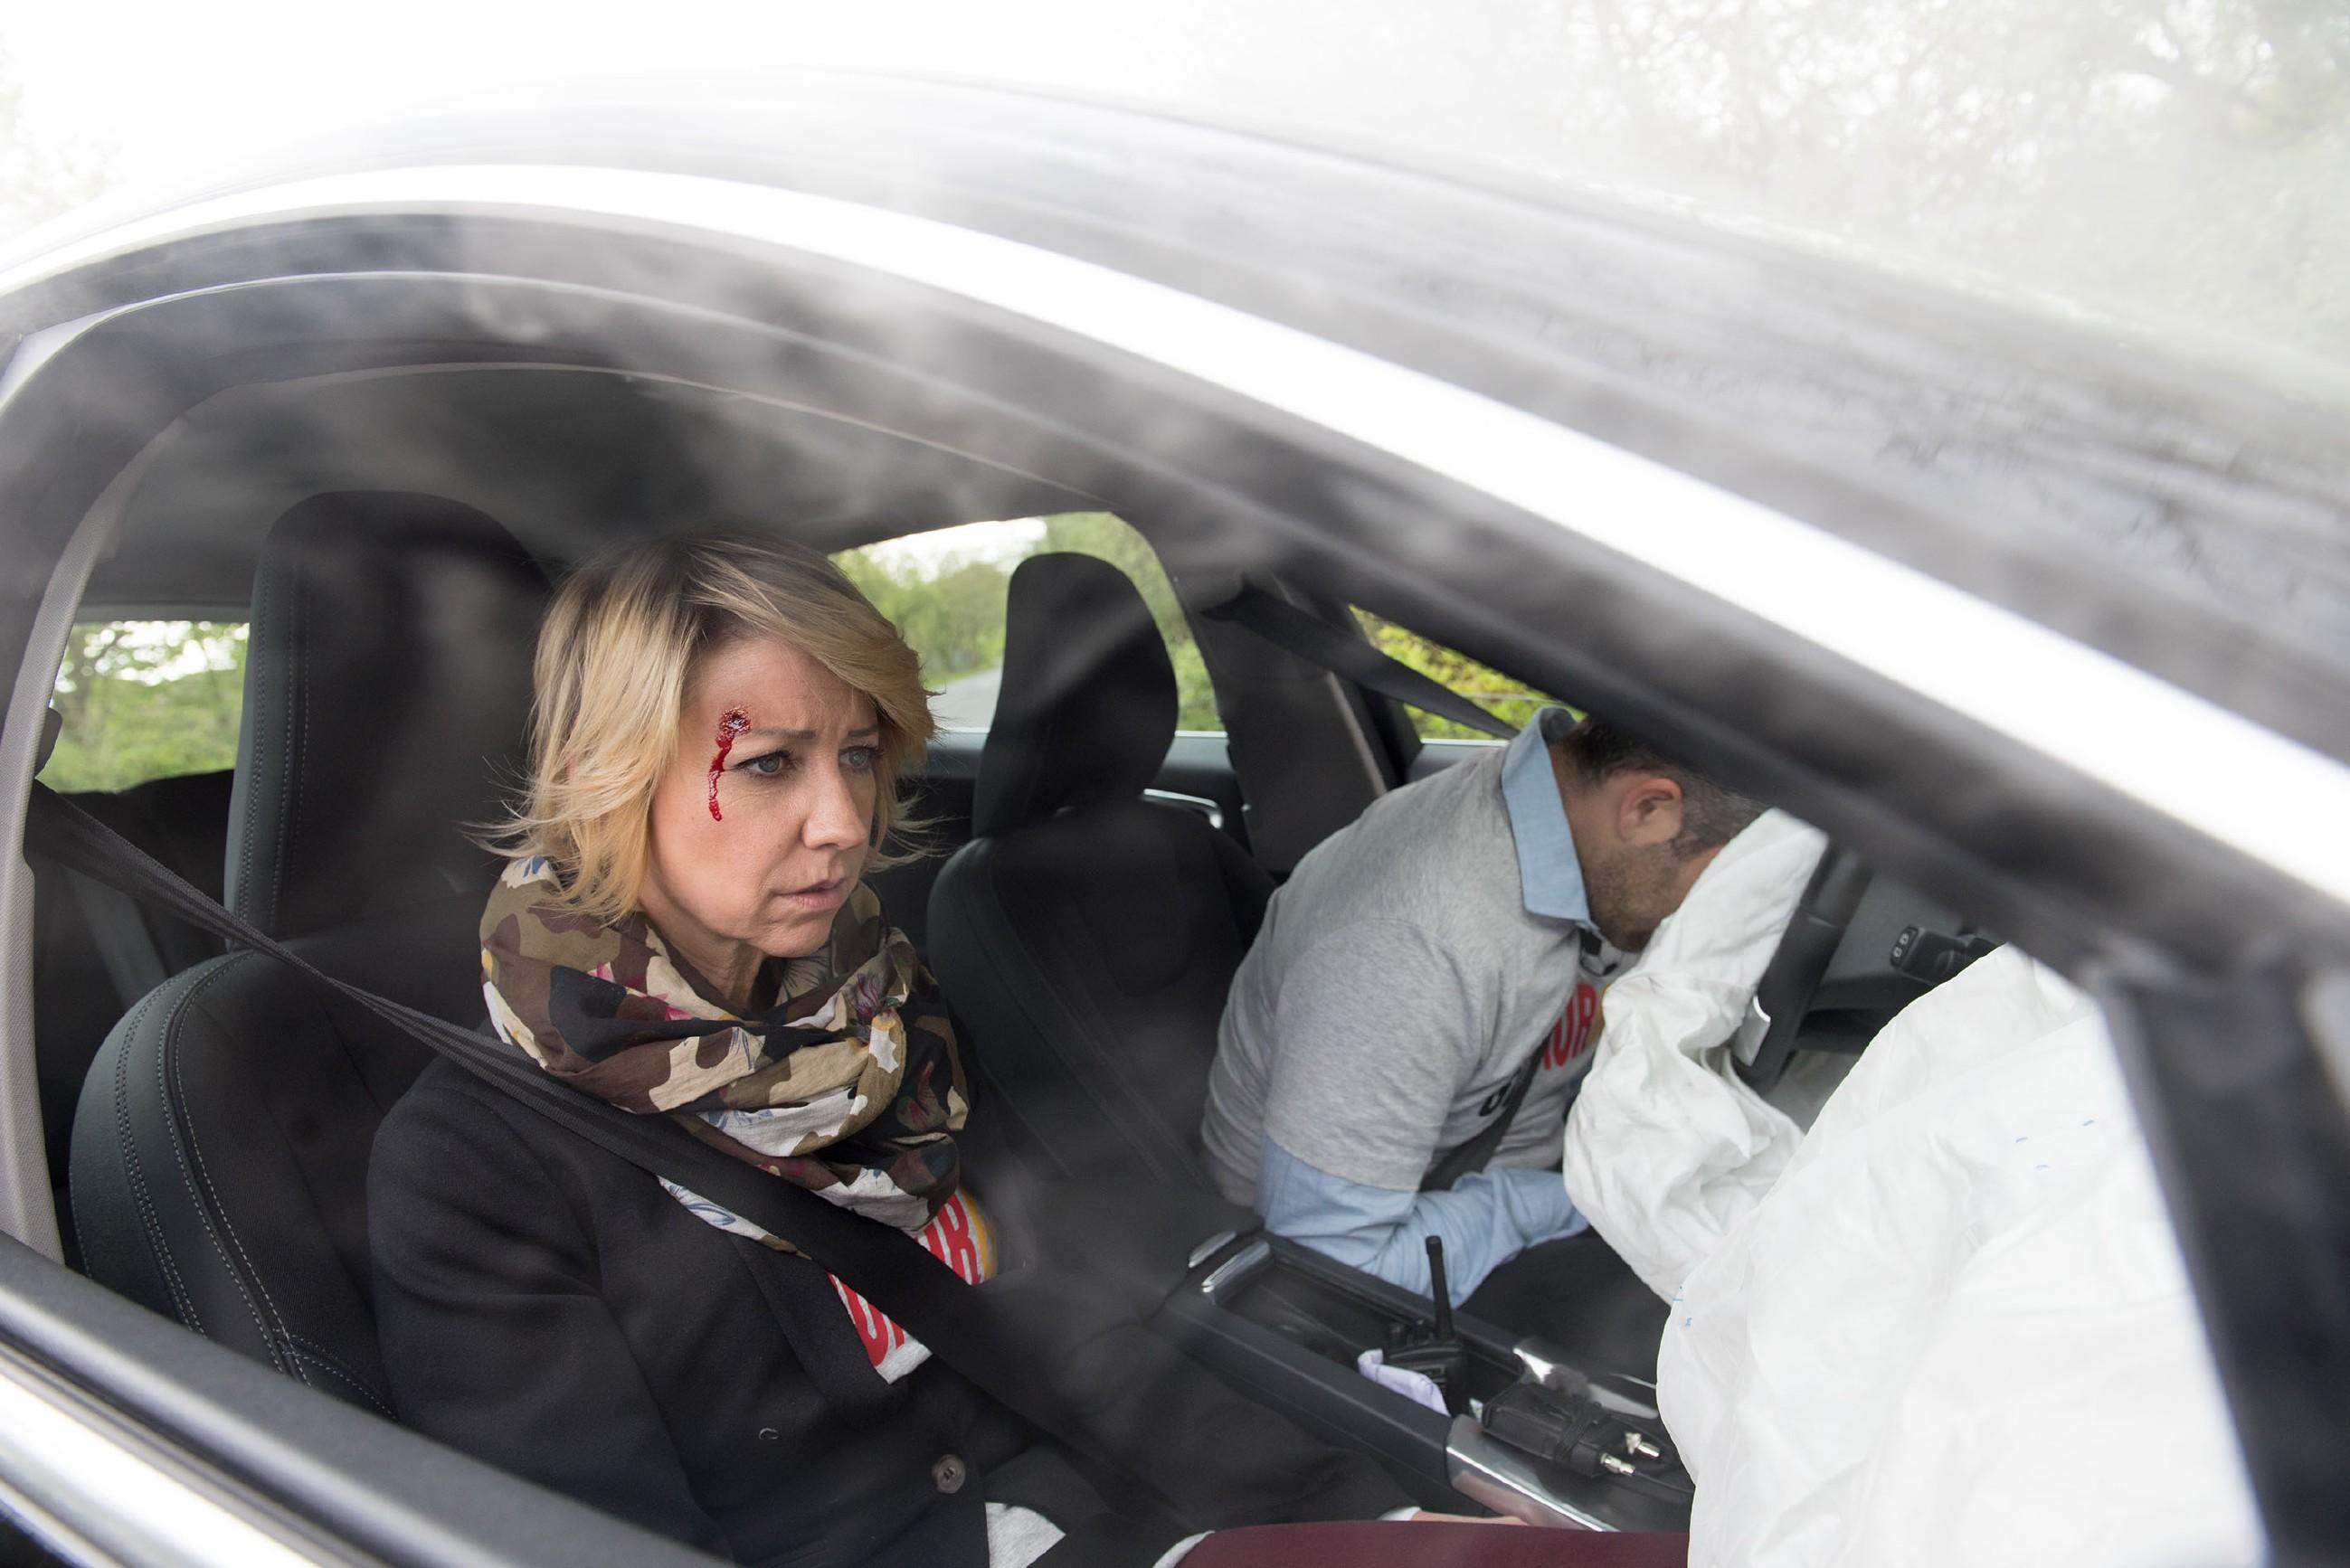 Als Ute (Isabell Hertel) nach dem Autounfall mit Till (Ben Ruedinger) zur Besinnung kommt, erinnert sie sich schlagartig, wie es zu dem Unfall gekommen ist... (Quelle: RTL / Stefan Behrens)